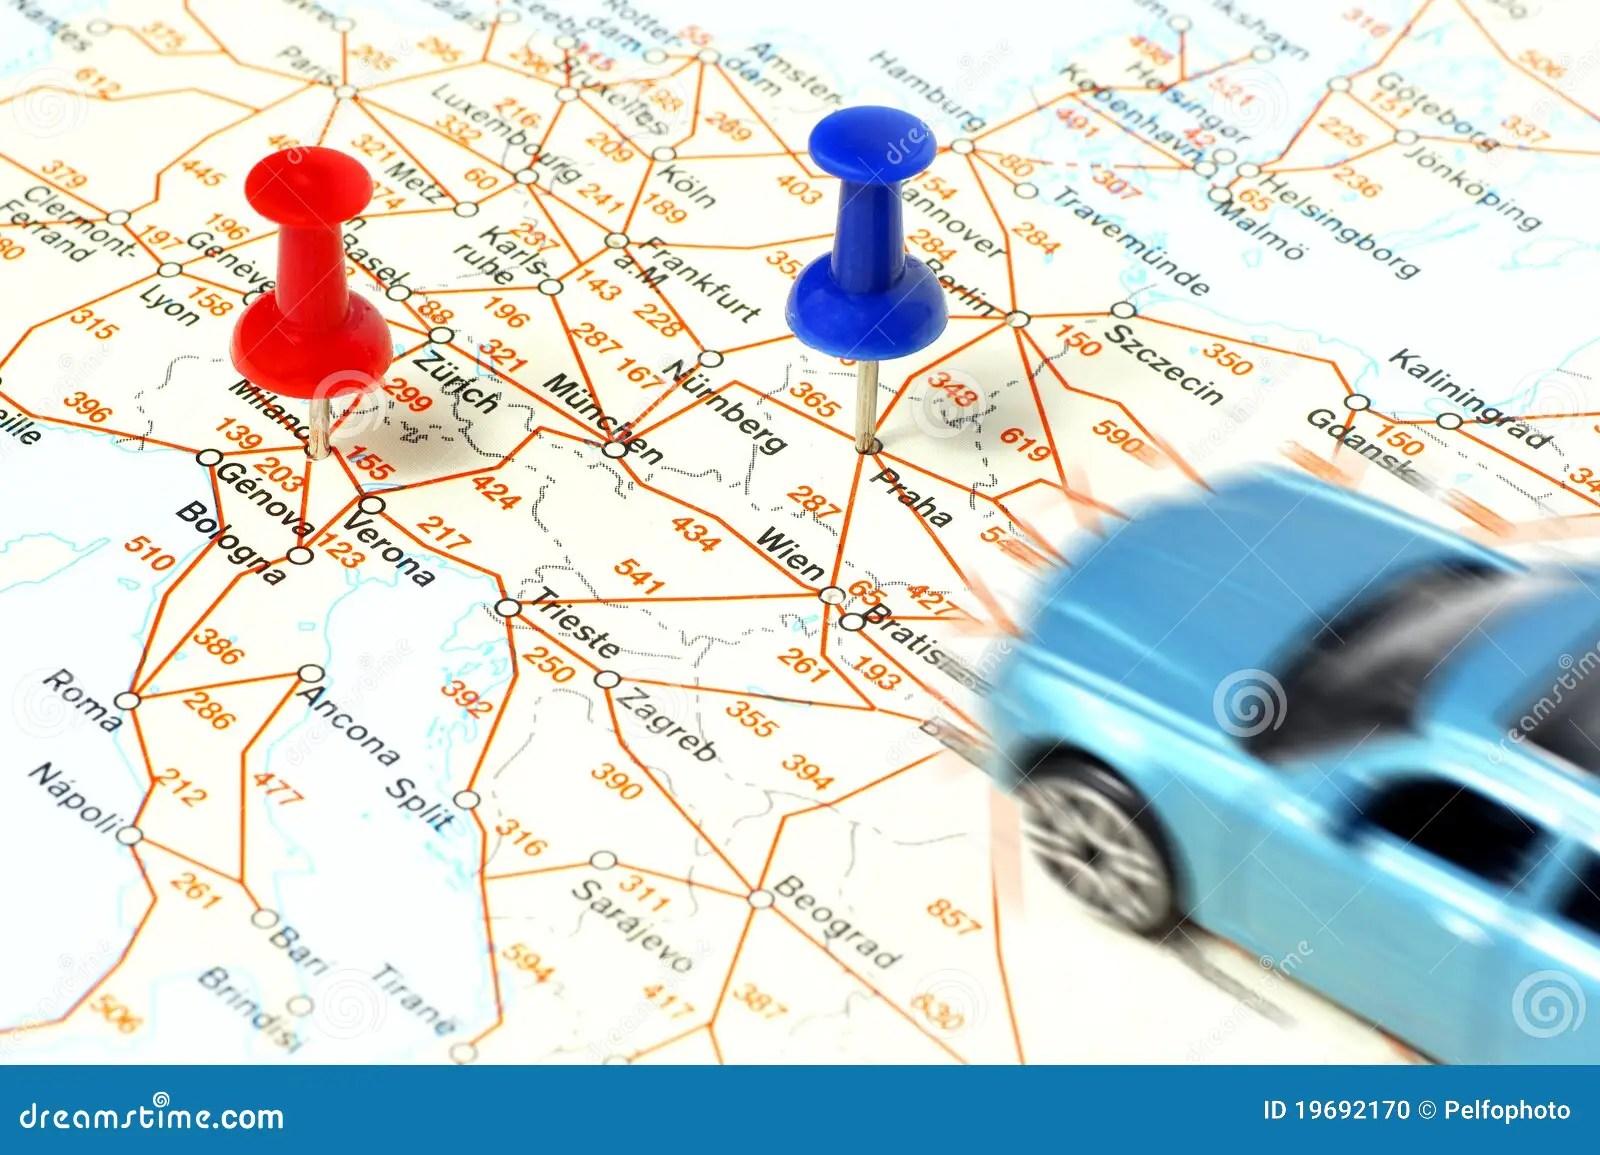 Distance Between Cities Stock Photo Image 19692170